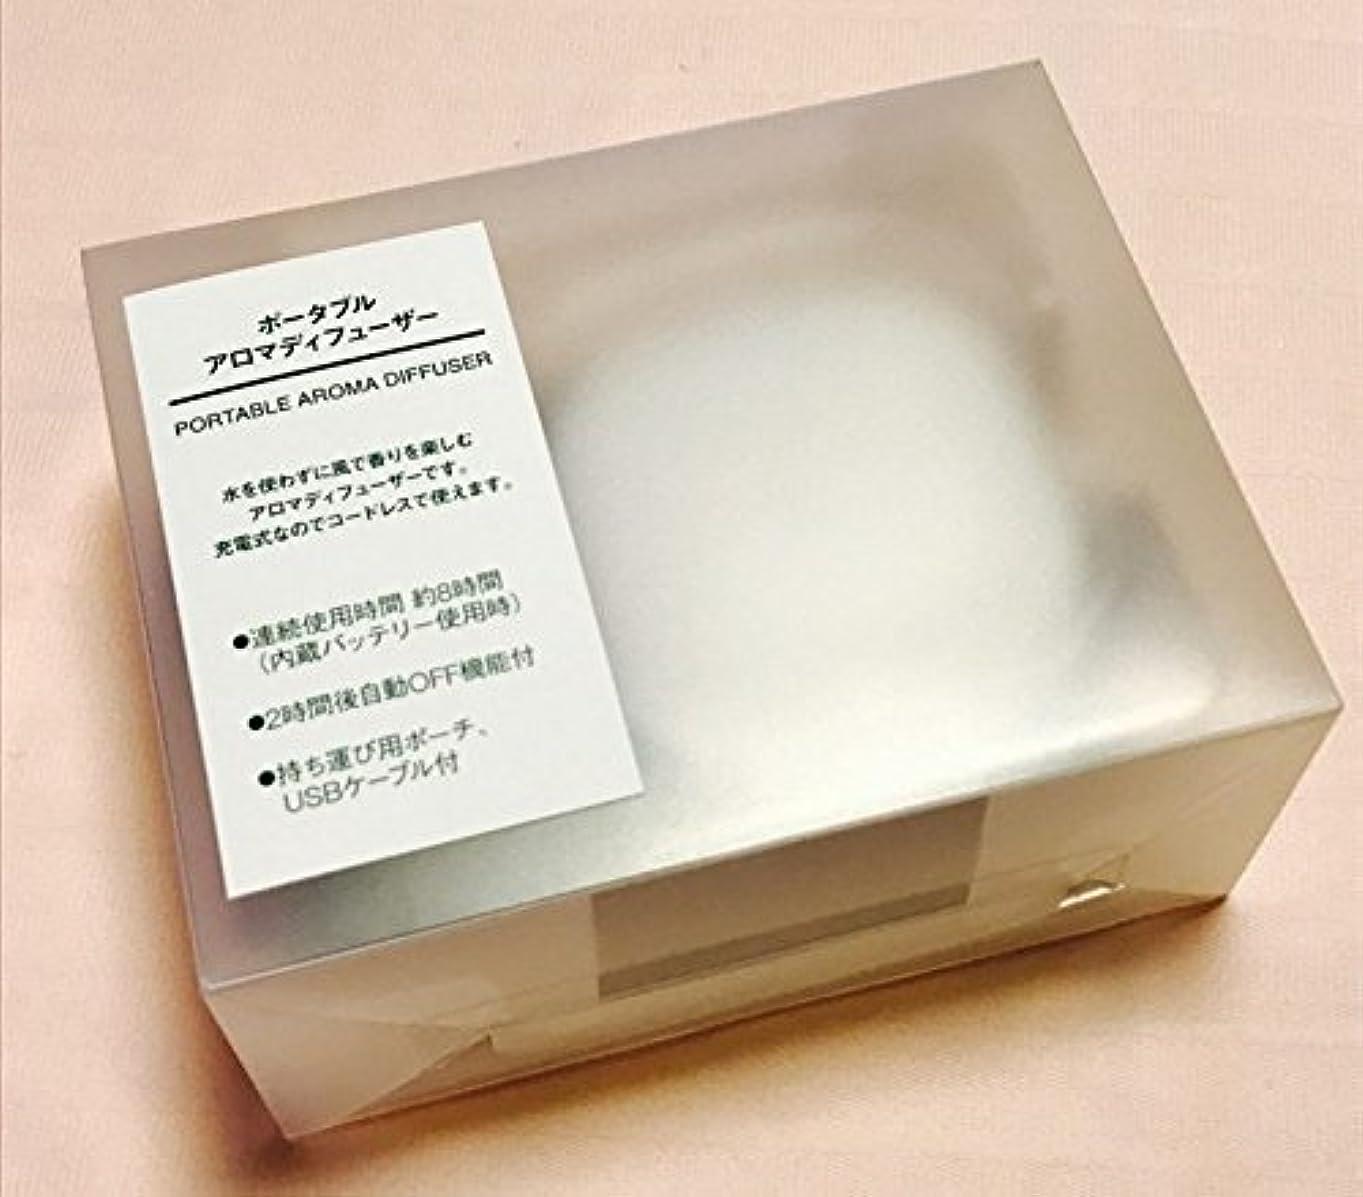 累計レルムヒョウ無印良品 ポータブルアロマディフューザー 型番:MJ‐PAD1